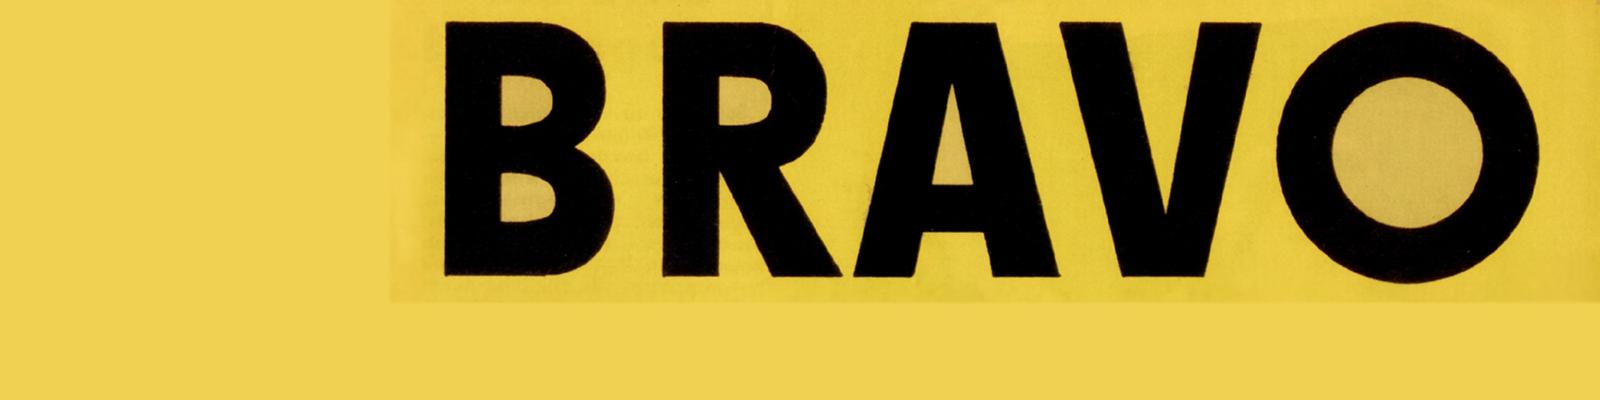 """Am 26. August 1956 kommt zum ersten Mal die Zeitschrift """"Bravo"""" auf den Markt."""